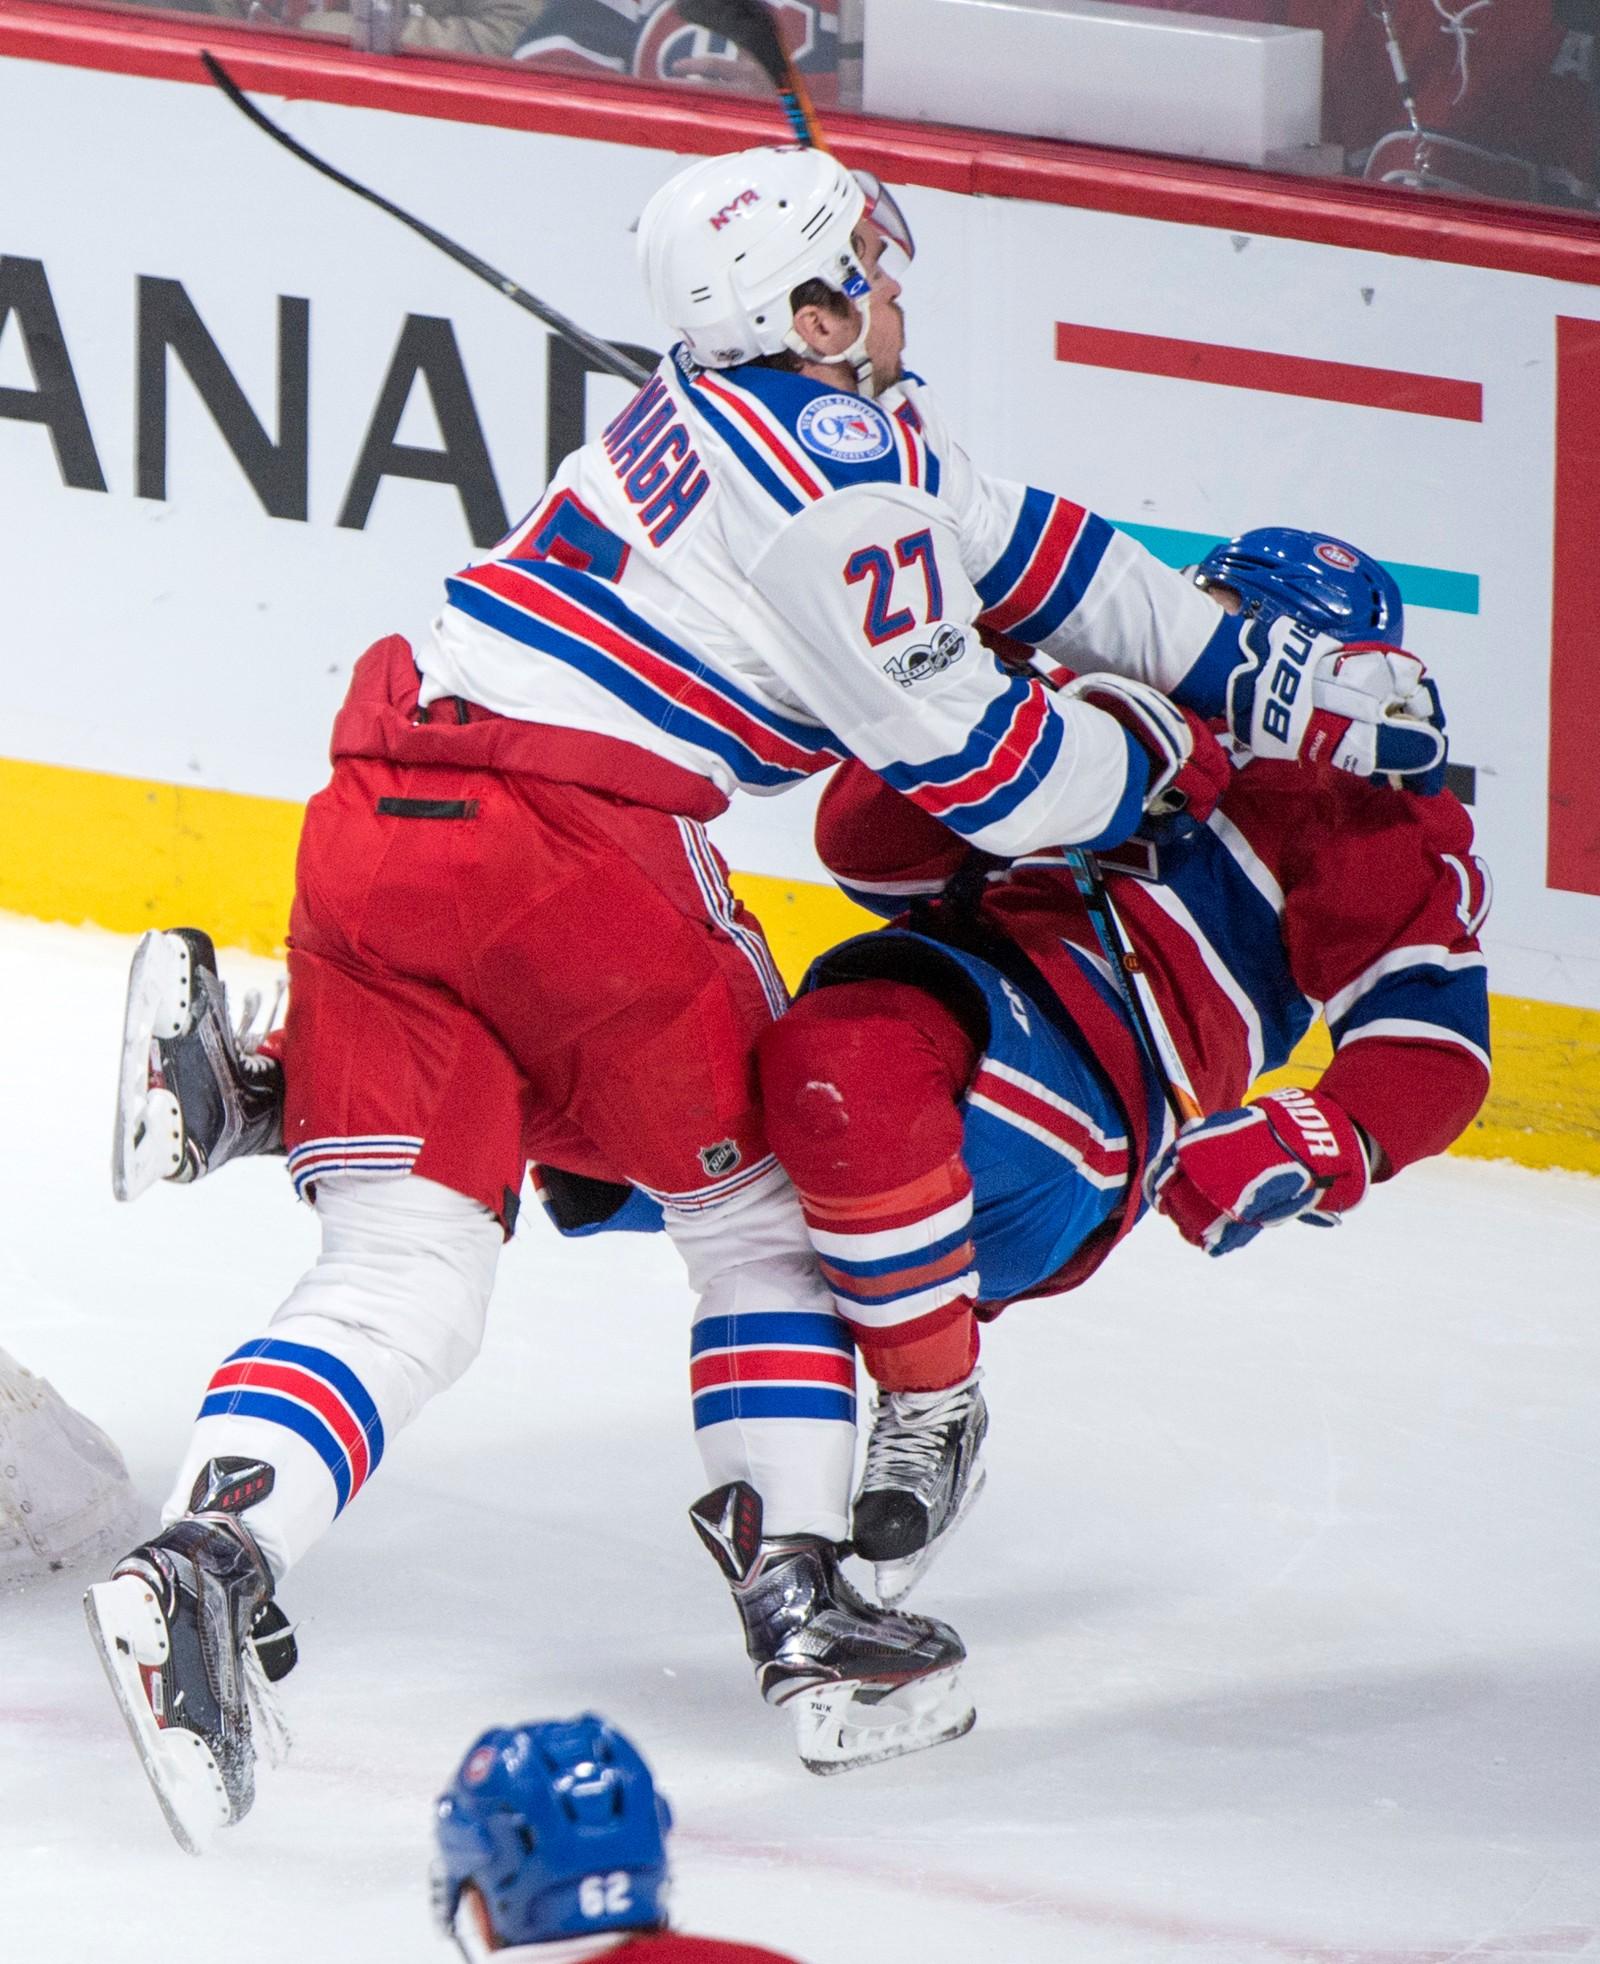 Brendan Gallagher fra Rangers Canadiens Hockey og Ryan McDonagh fra Montreal Canadiens dundra sammen på isen under den første av fem kamper på vei mot Stanley Cup-trofeet.